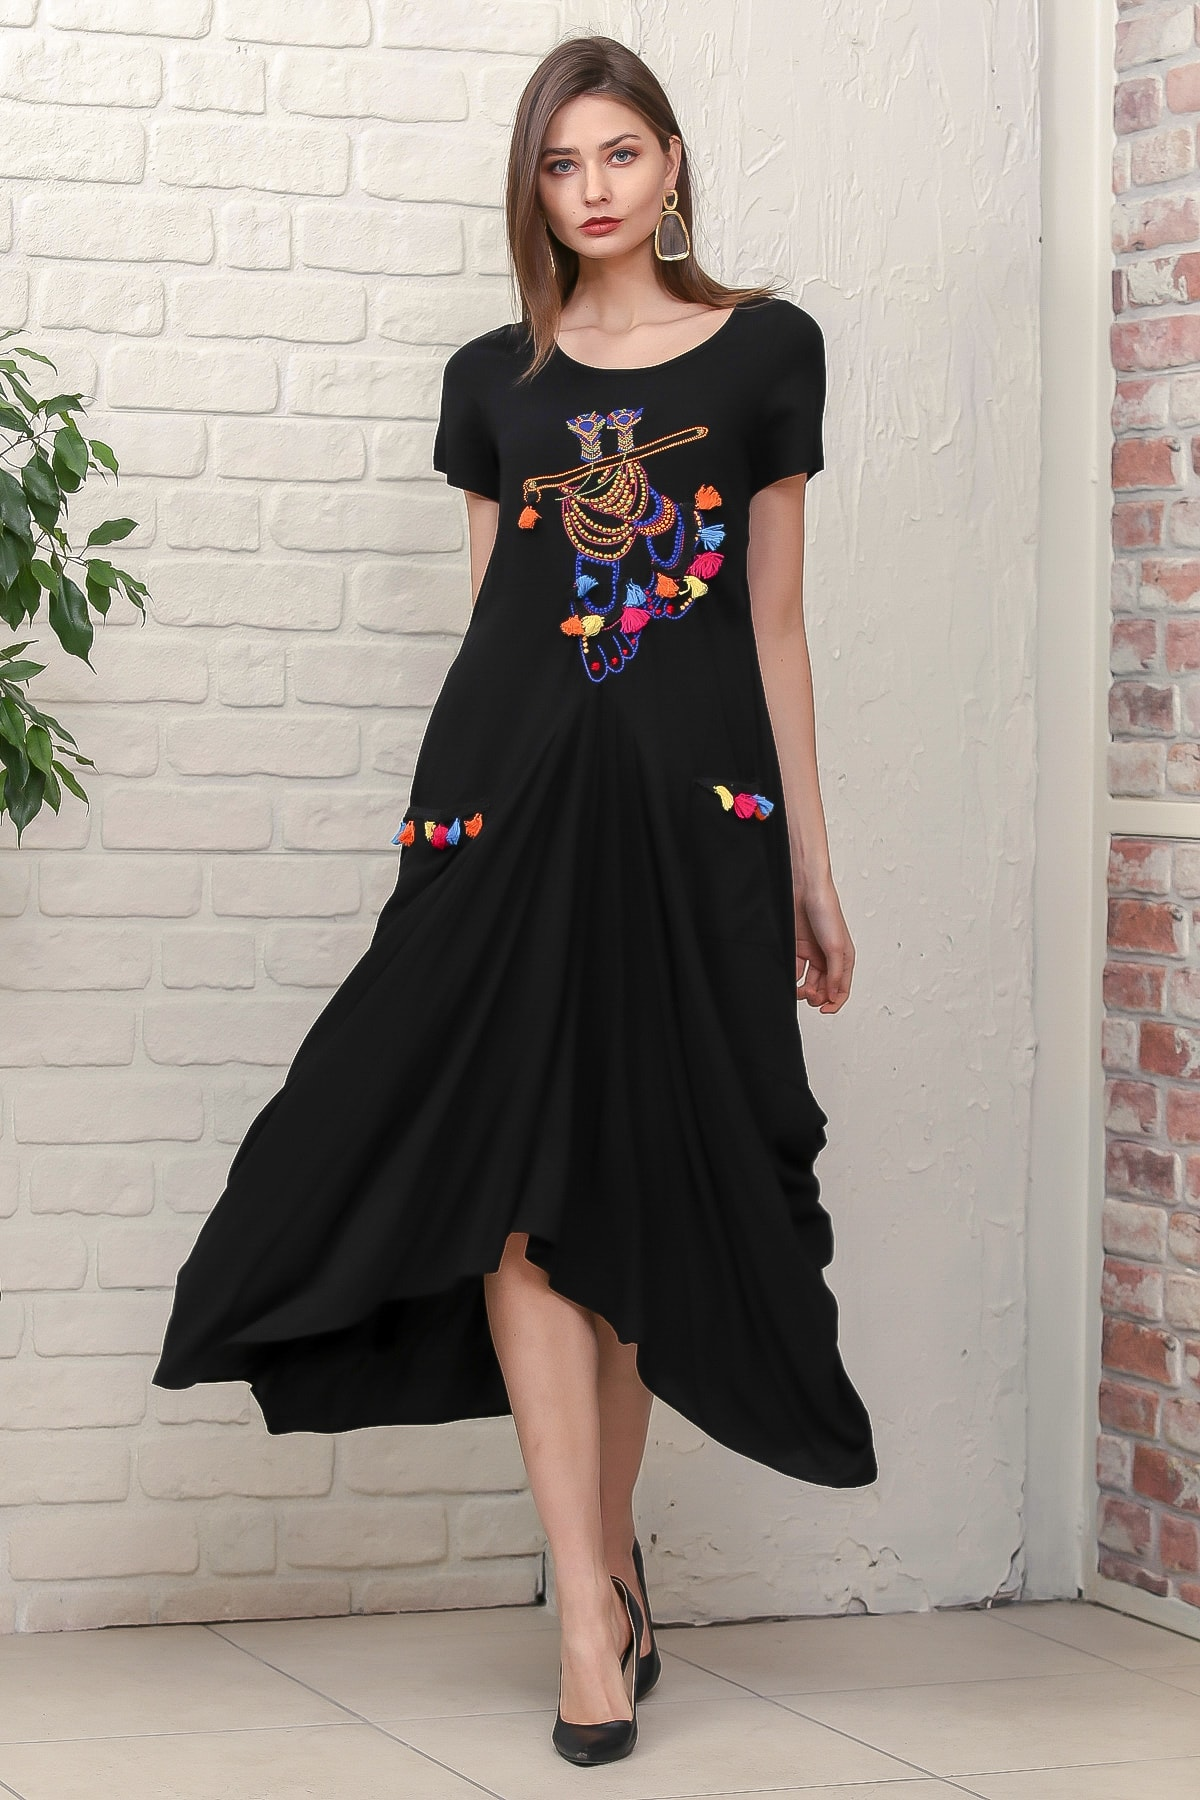 Chiccy Kadın Siyah Bohem Ayak Nakışlı Yarım Kollu Cepli Asimetrik Salaş Dokuma Elbise M10160000EL95884 2